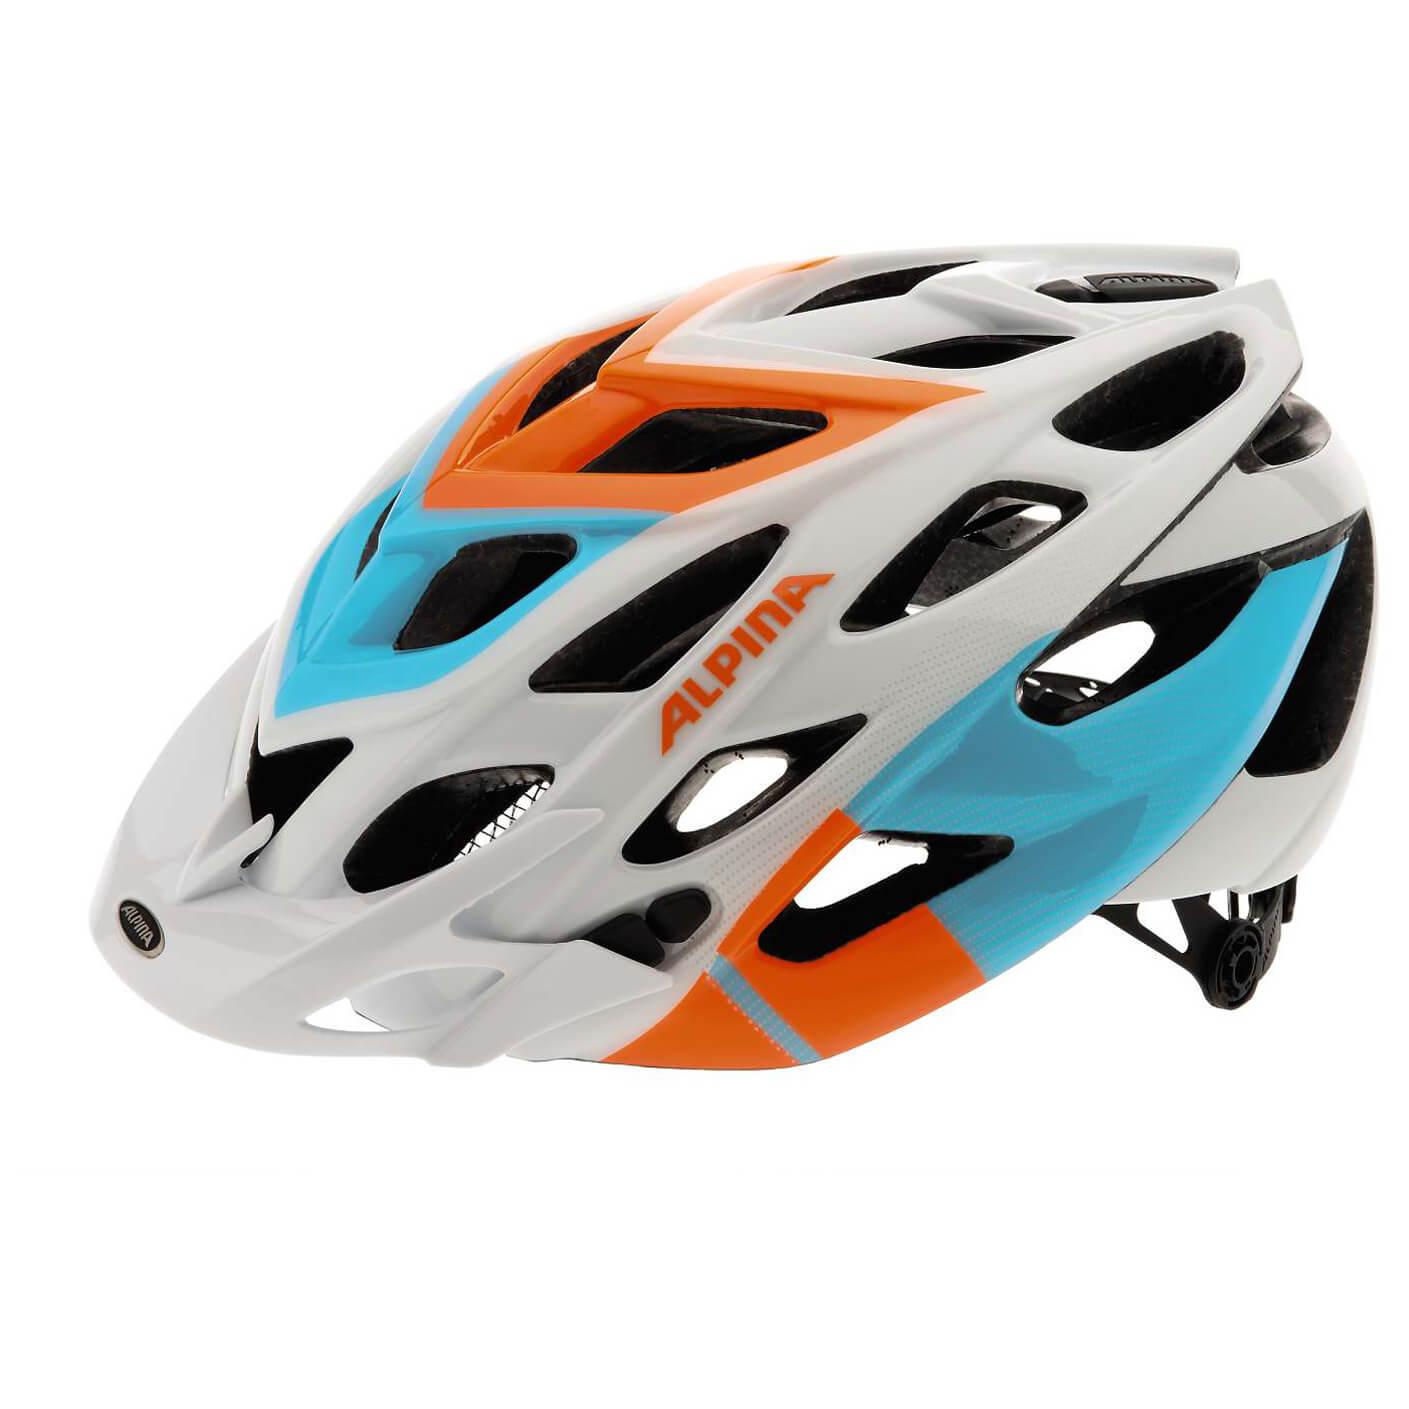 Alpina casque de vélo d-alto en sold